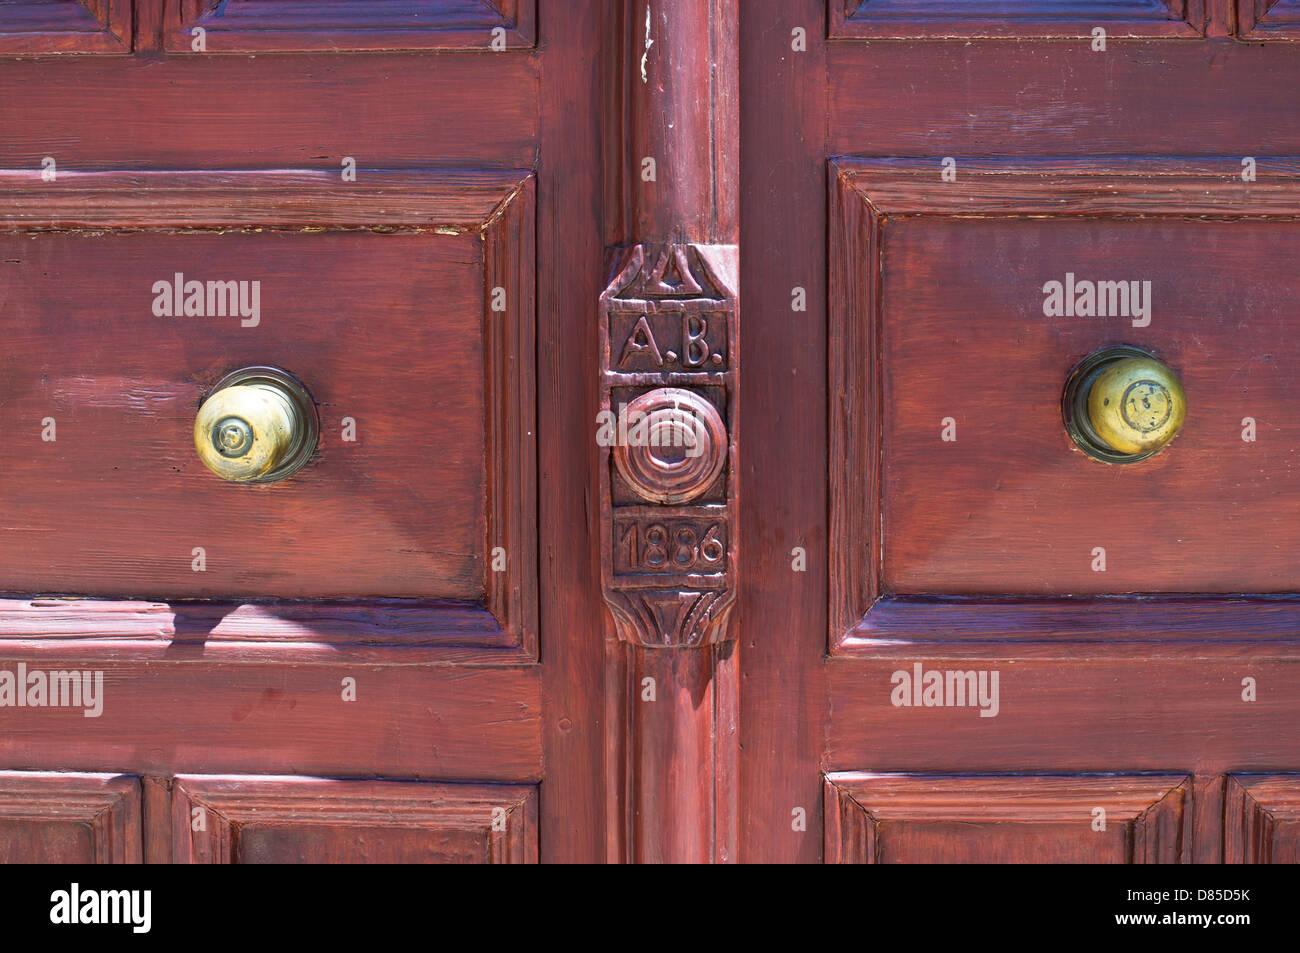 Detailansicht einer doppelten Holztür mit Messing Tür Knöpfe, Rethymno, Kreta Stockbild